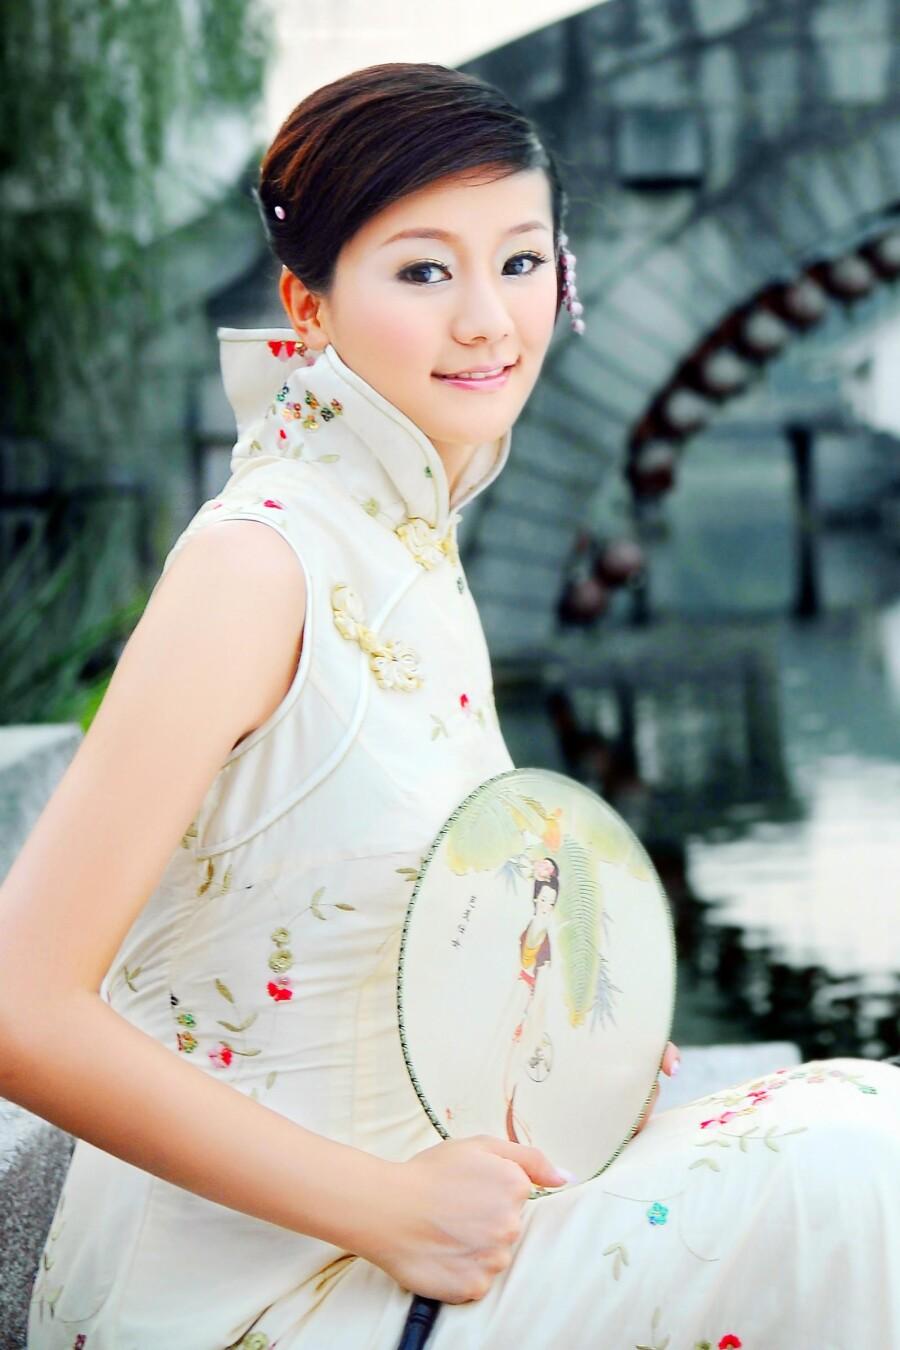 水乡的旗袍美女 - 春晖 - 春晖的博客